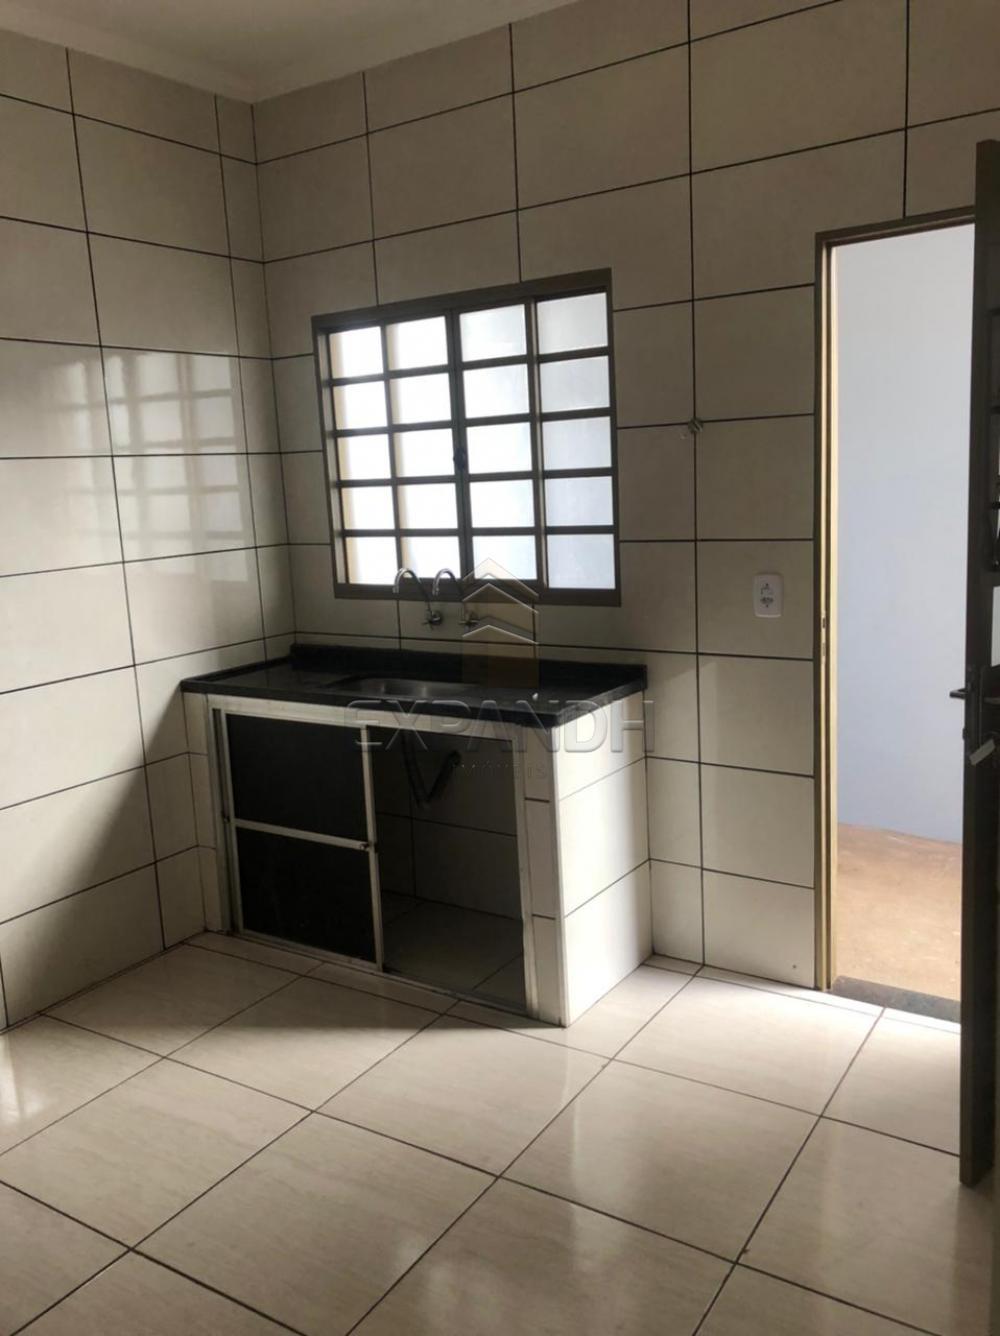 Alugar Casas / Padrão em Sertãozinho R$ 750,00 - Foto 10